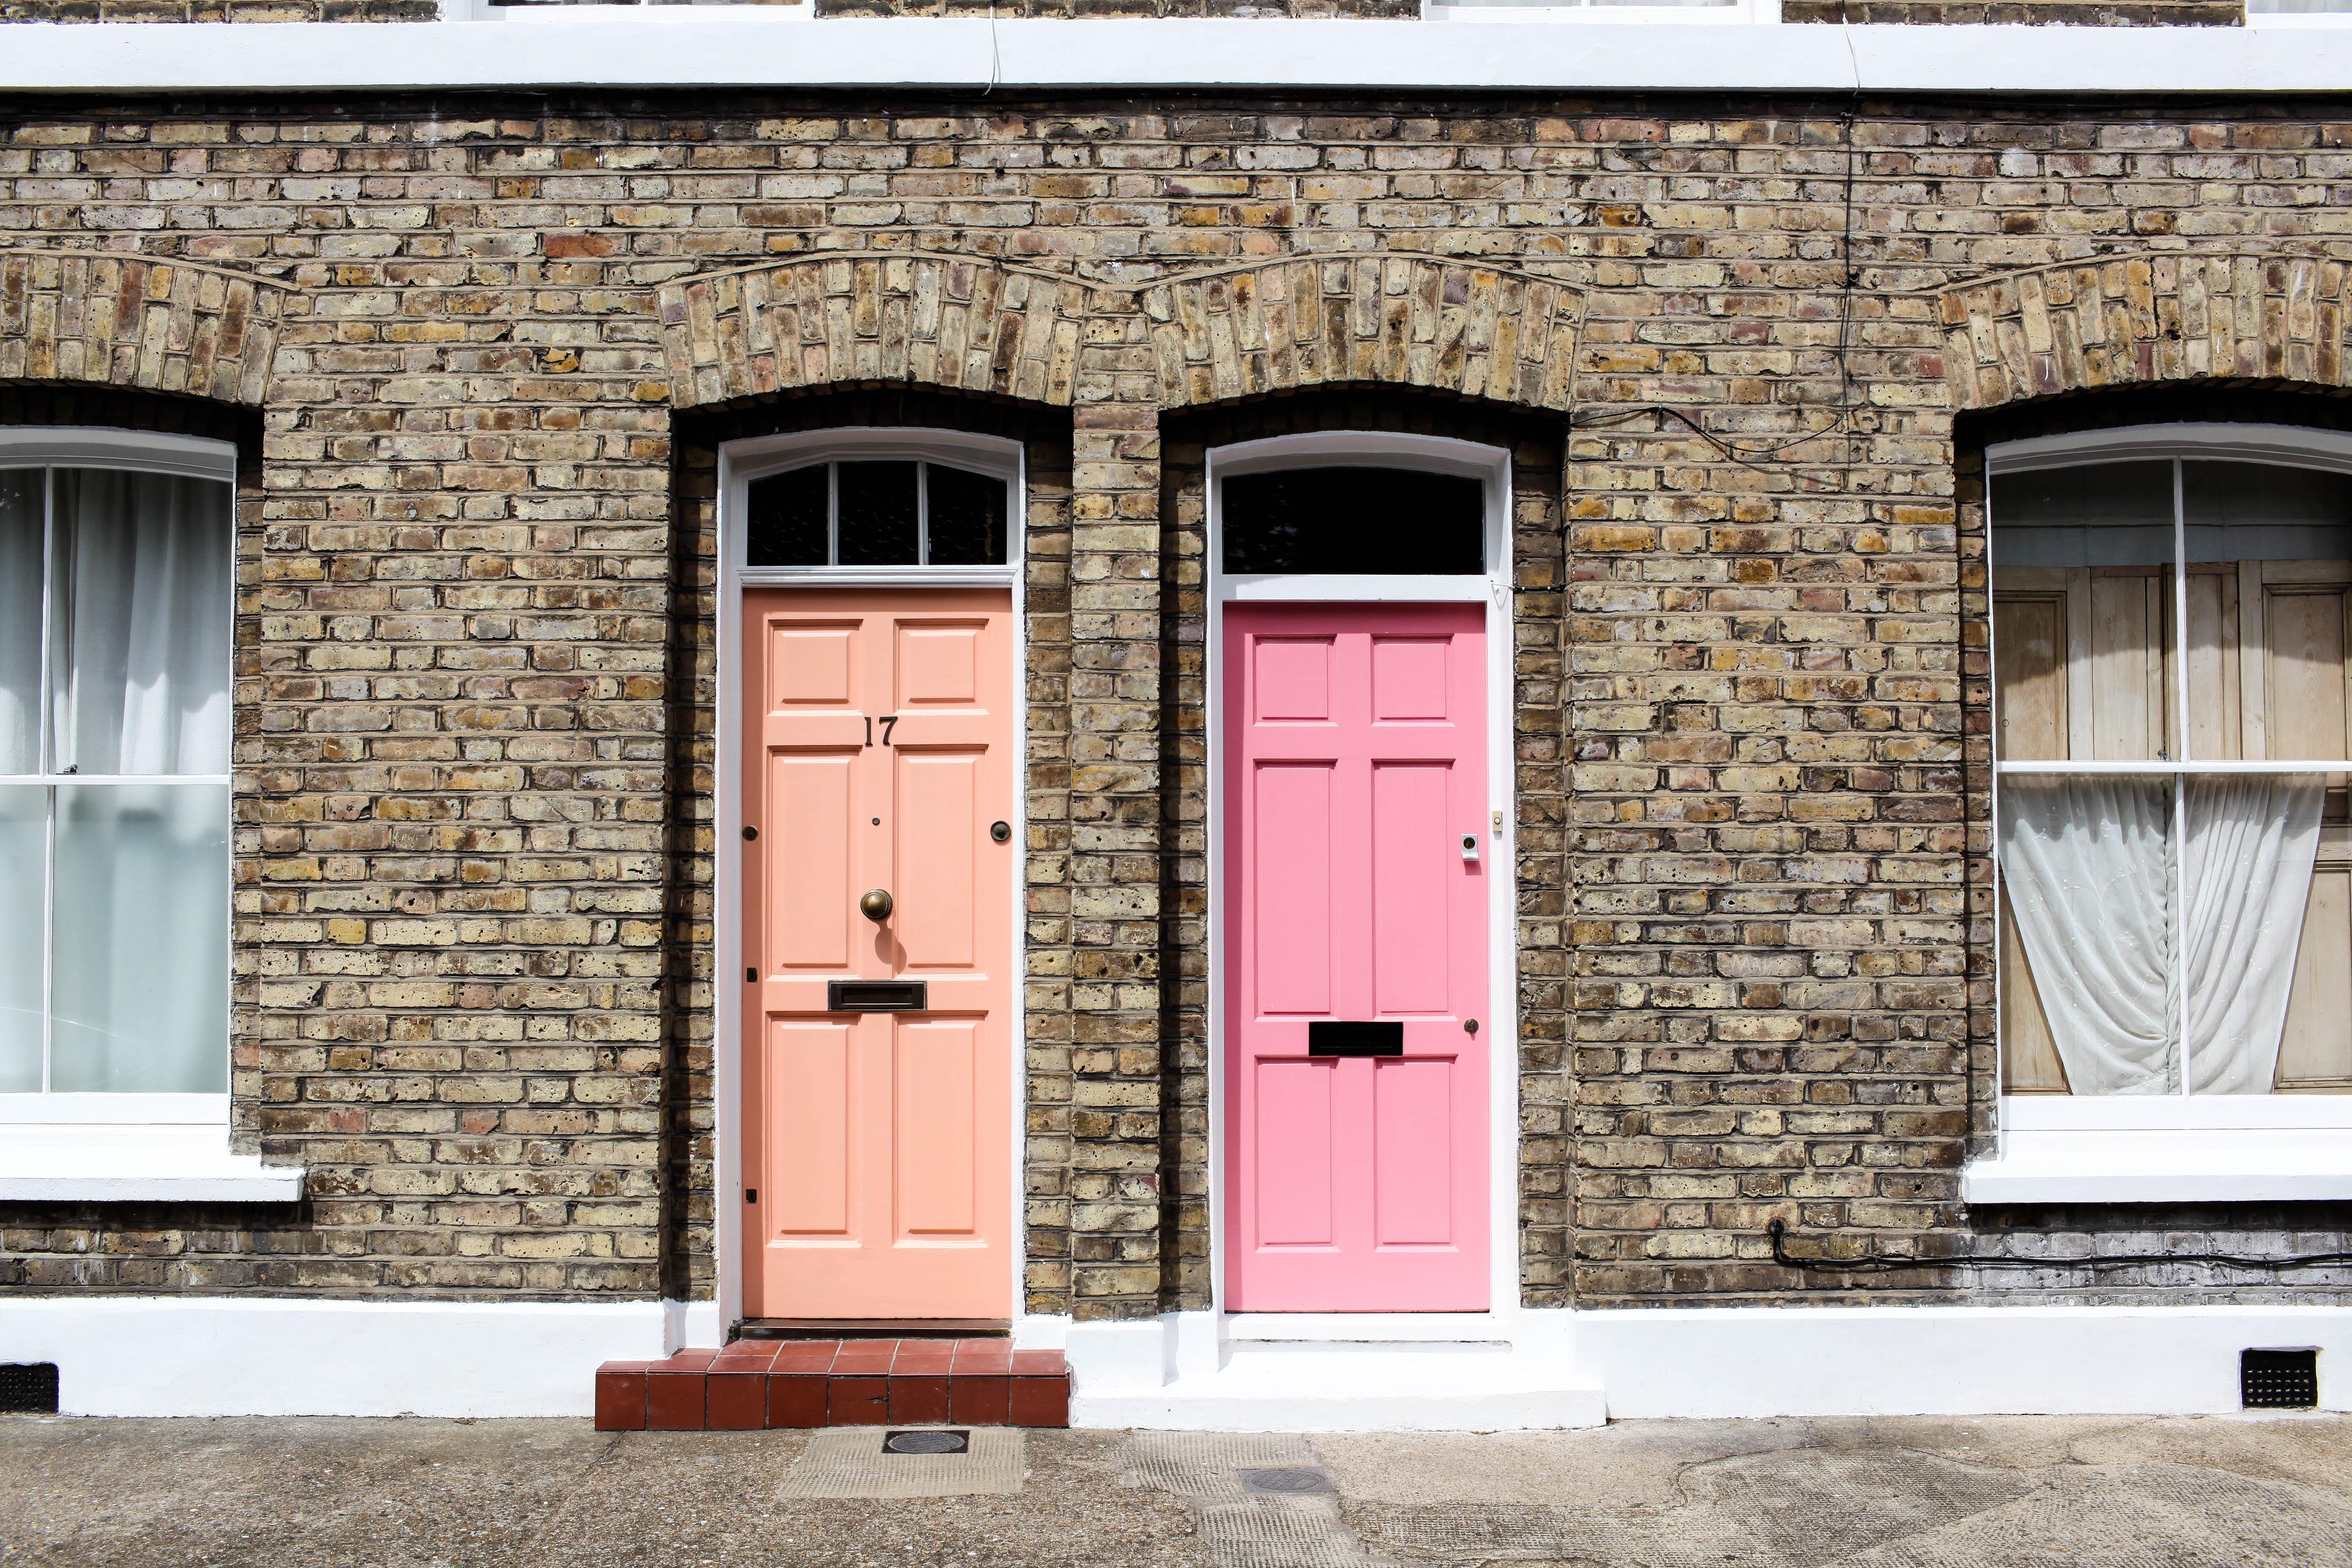 sprzedaż nieruchomości bez zgody innych właścicieli